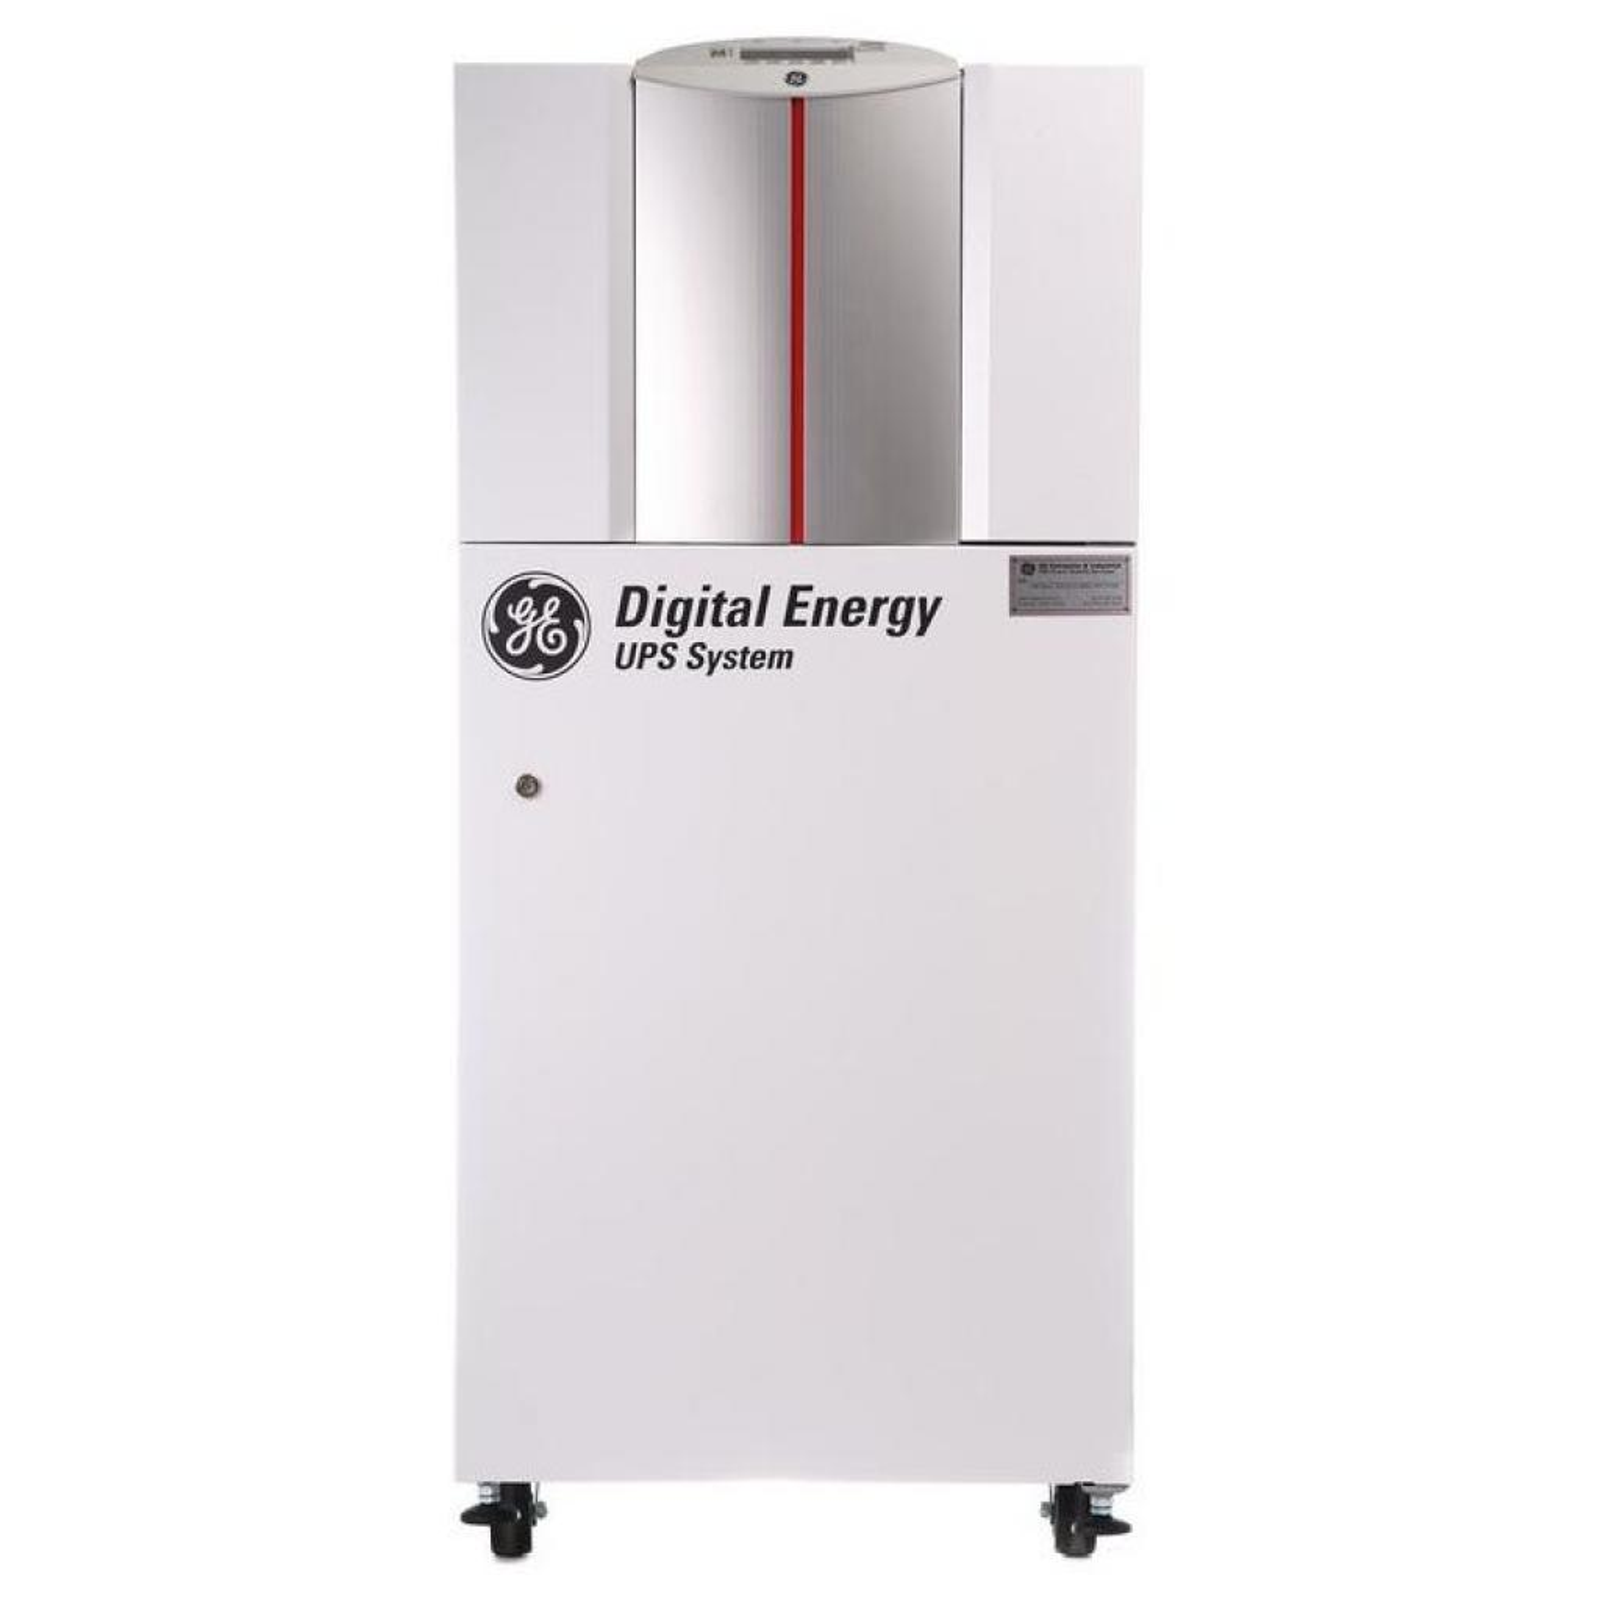 Источник бесперебойного питания General Electric Battery cabinet LP33 28Ah (11592) изображение 2